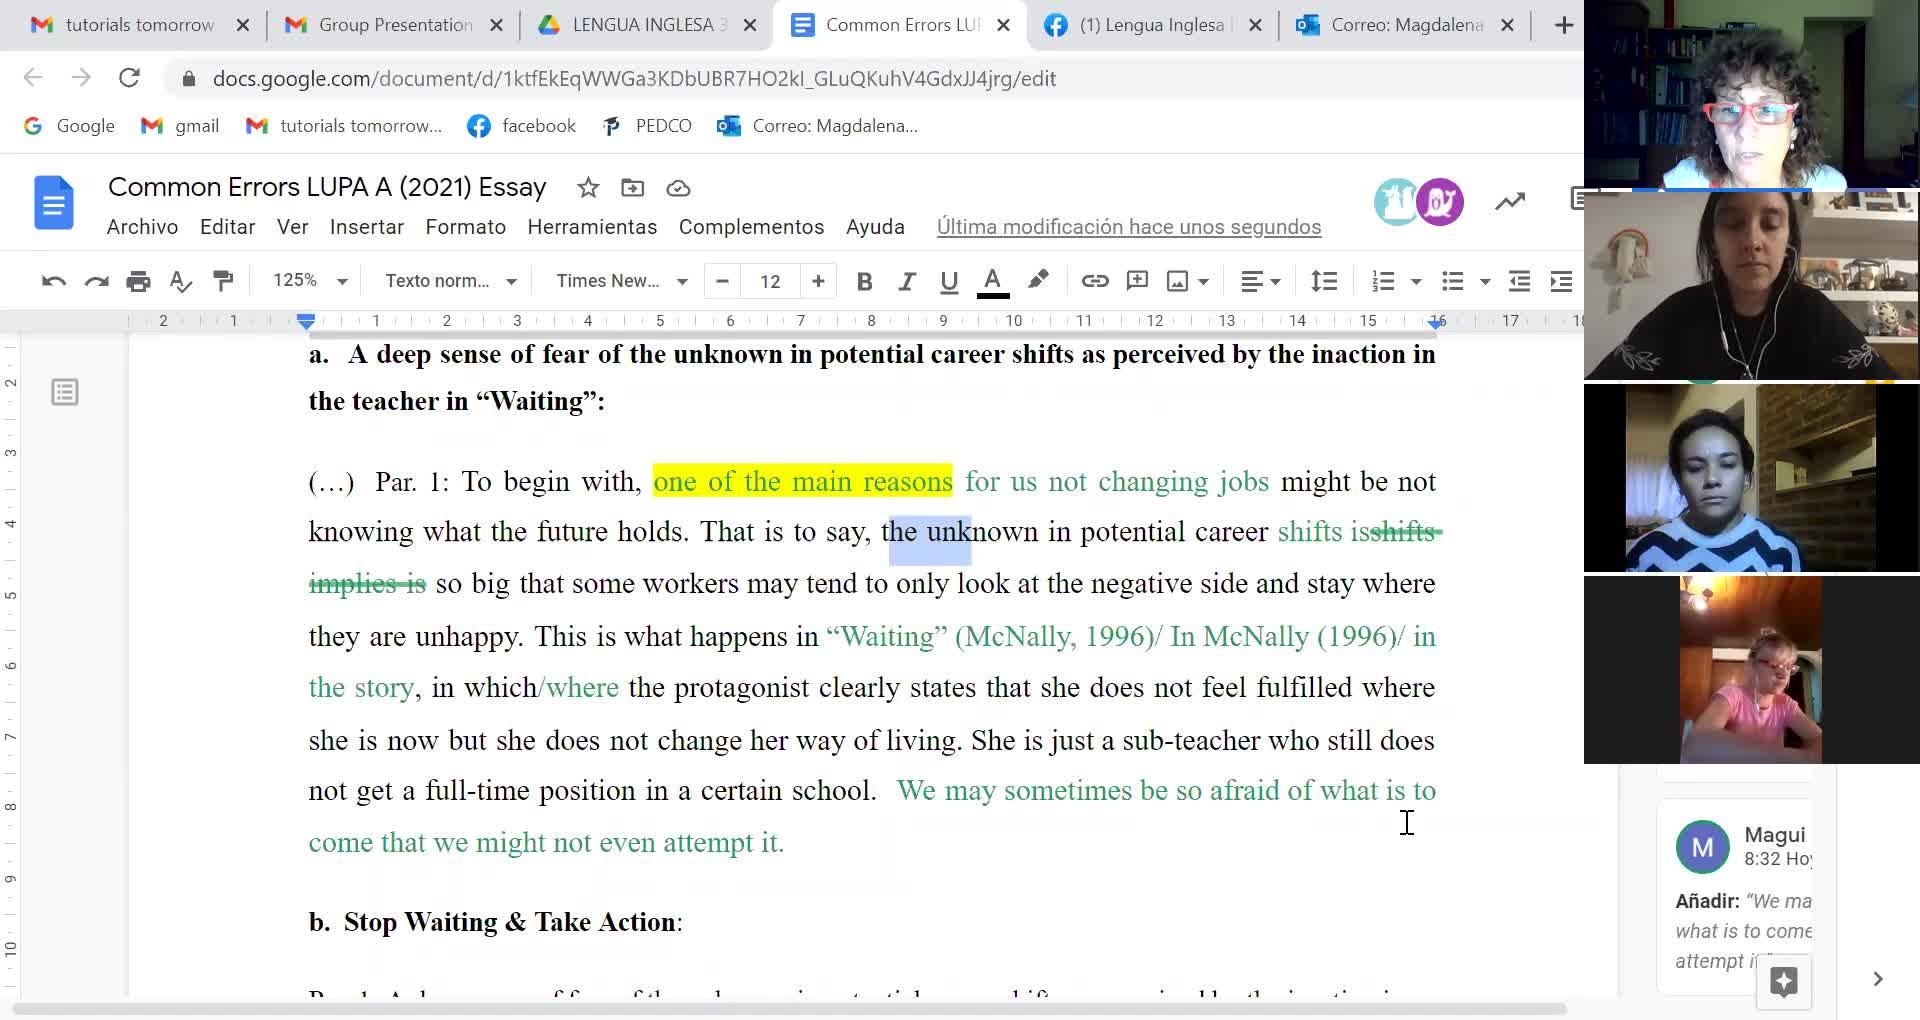 April 21st Comerrorr LA essay 1